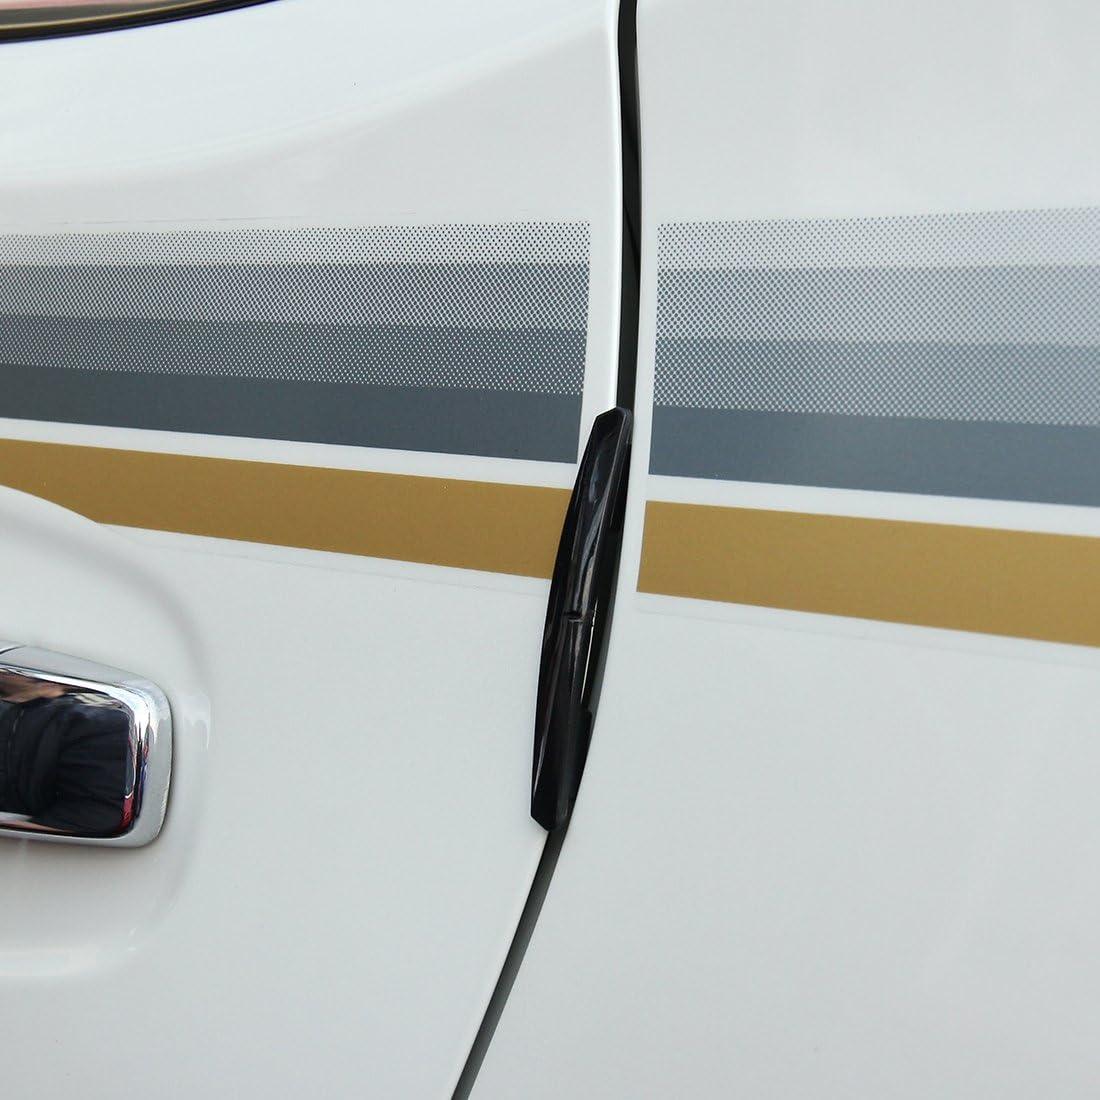 Schwarz YPshell Auto dekoratives Zubeh/ör f/ür 3R 3R-2103 4 ST/ÜCKE Gummi Auto Seitent/ür Kantenschutz Guards Cover Borte Aufkleber